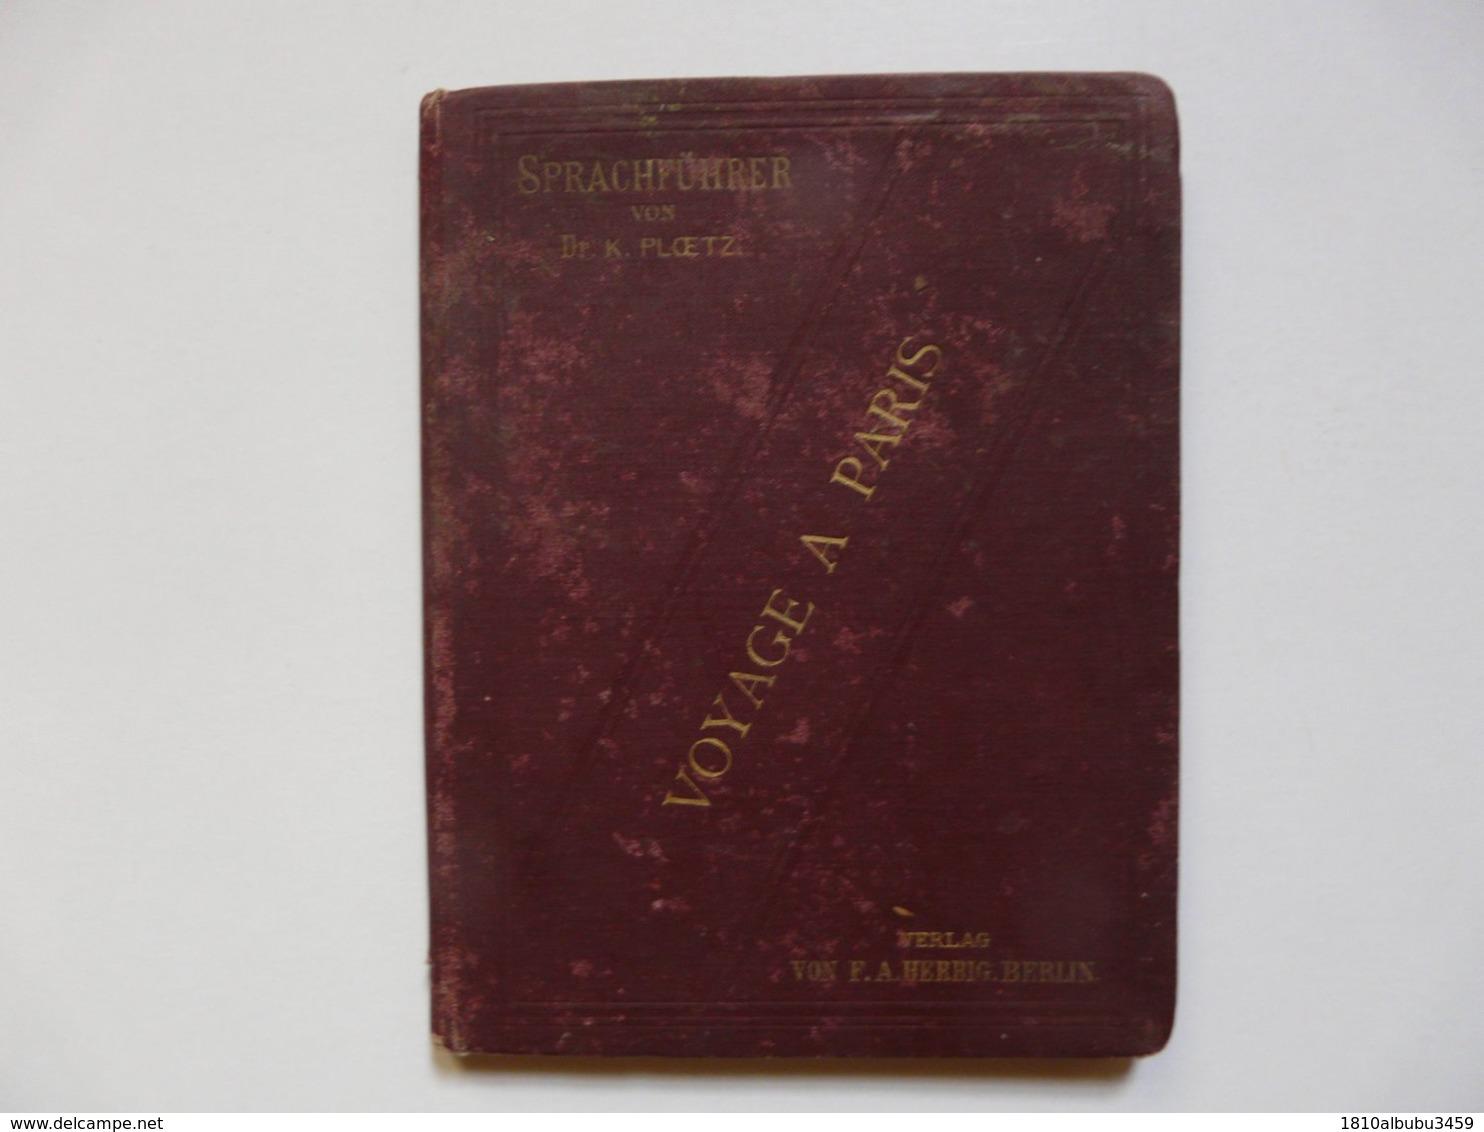 LIVRE BILINGUE Français Allemand - Voyage à Paris : Sprachführer Von Dr. K. PLOETZ - Dictionnaires